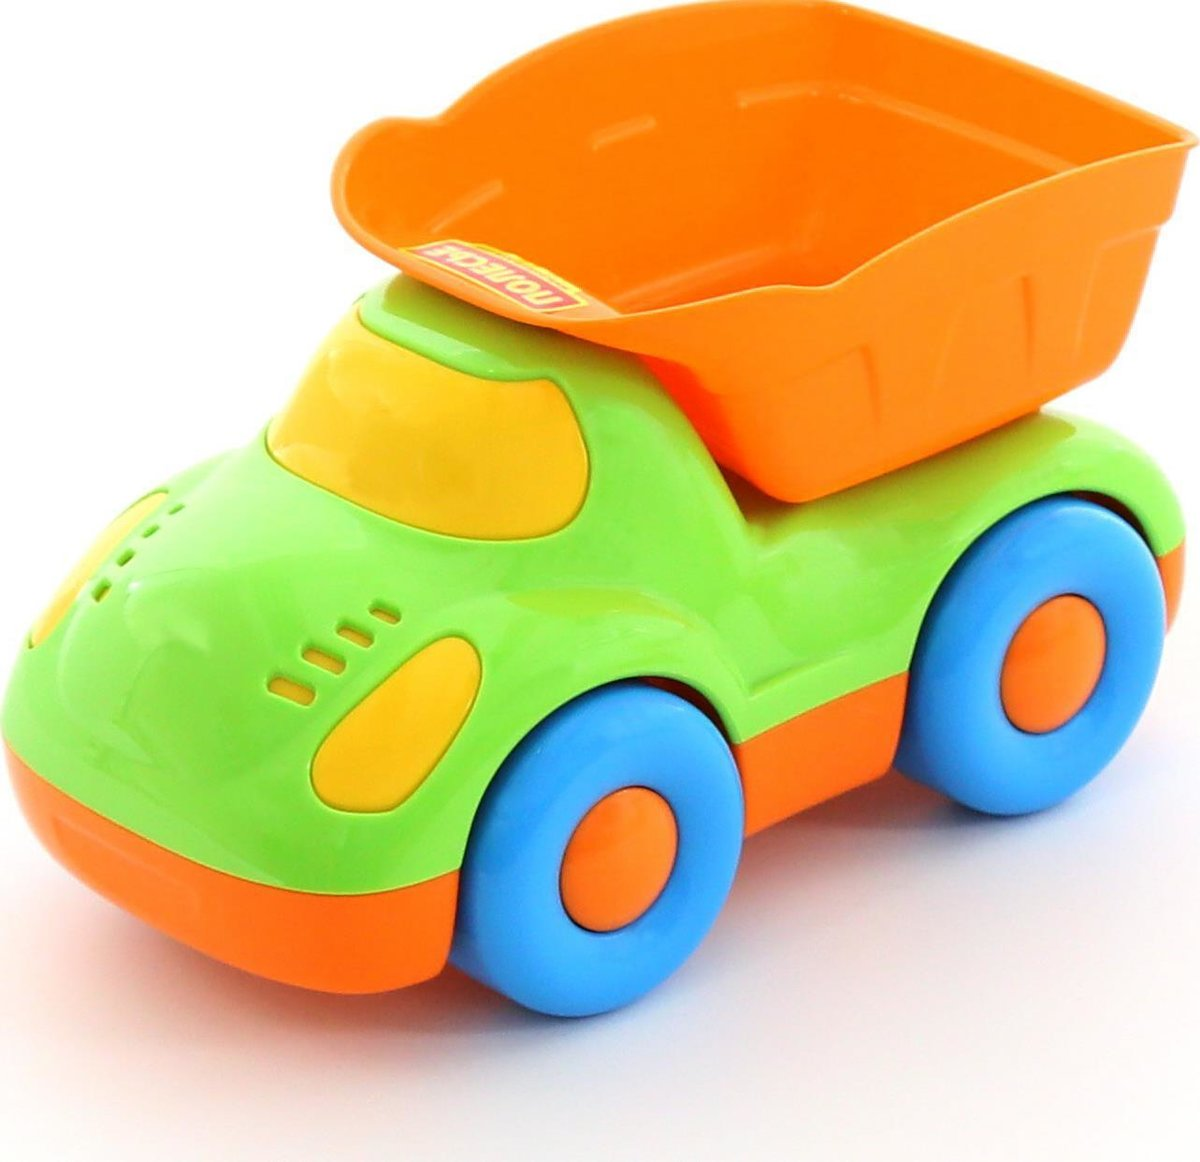 Картинка с машинками для детей